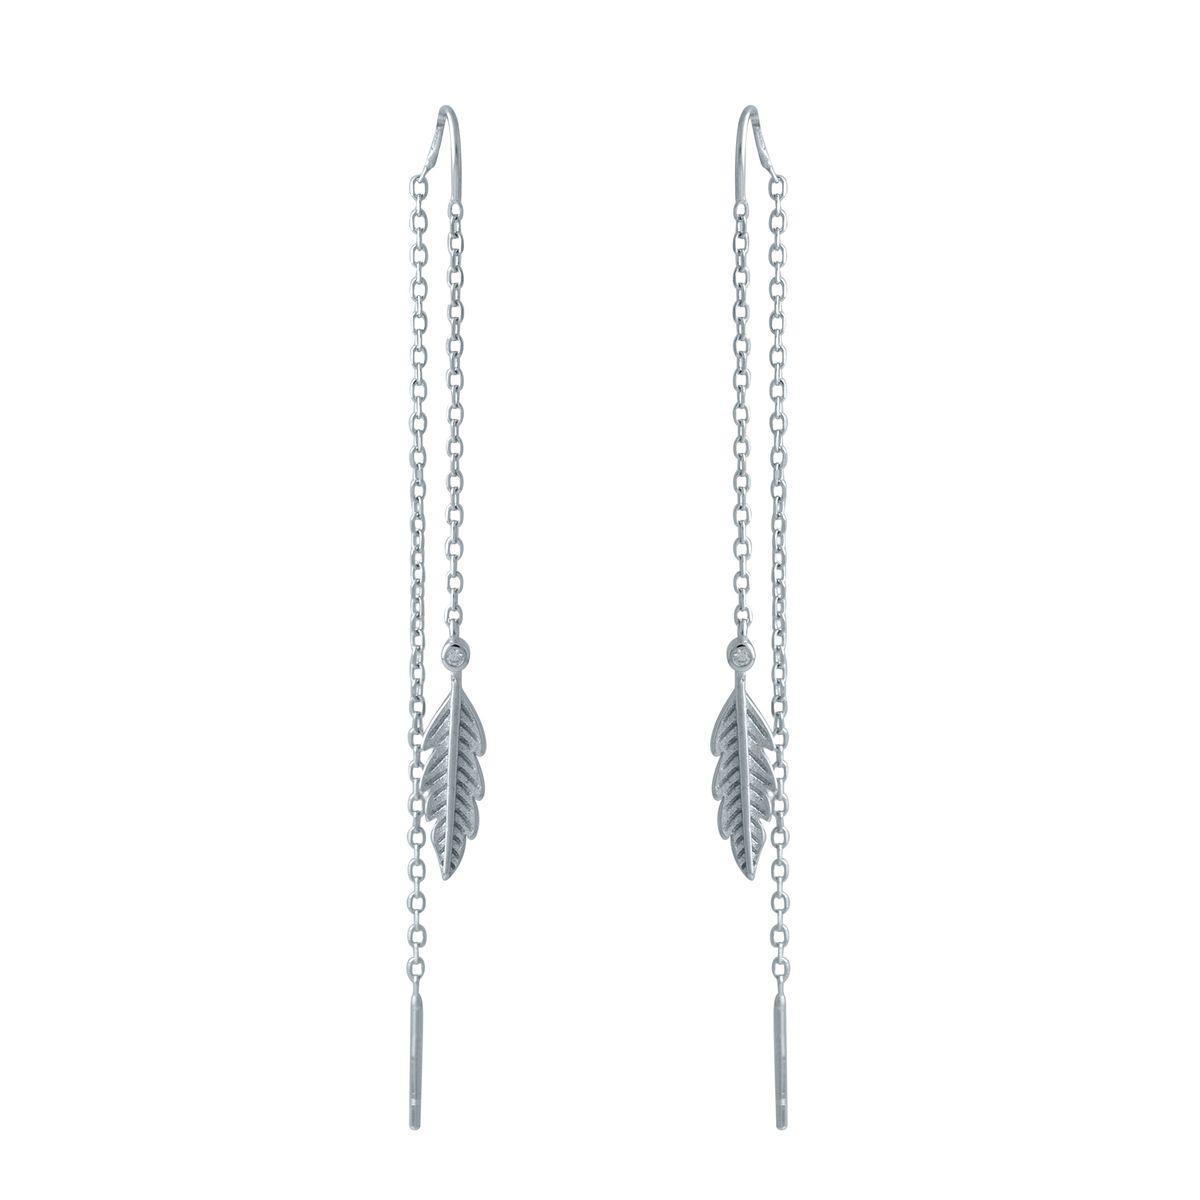 Срібні сережки pSilverAlex з фіанітами (2022954)